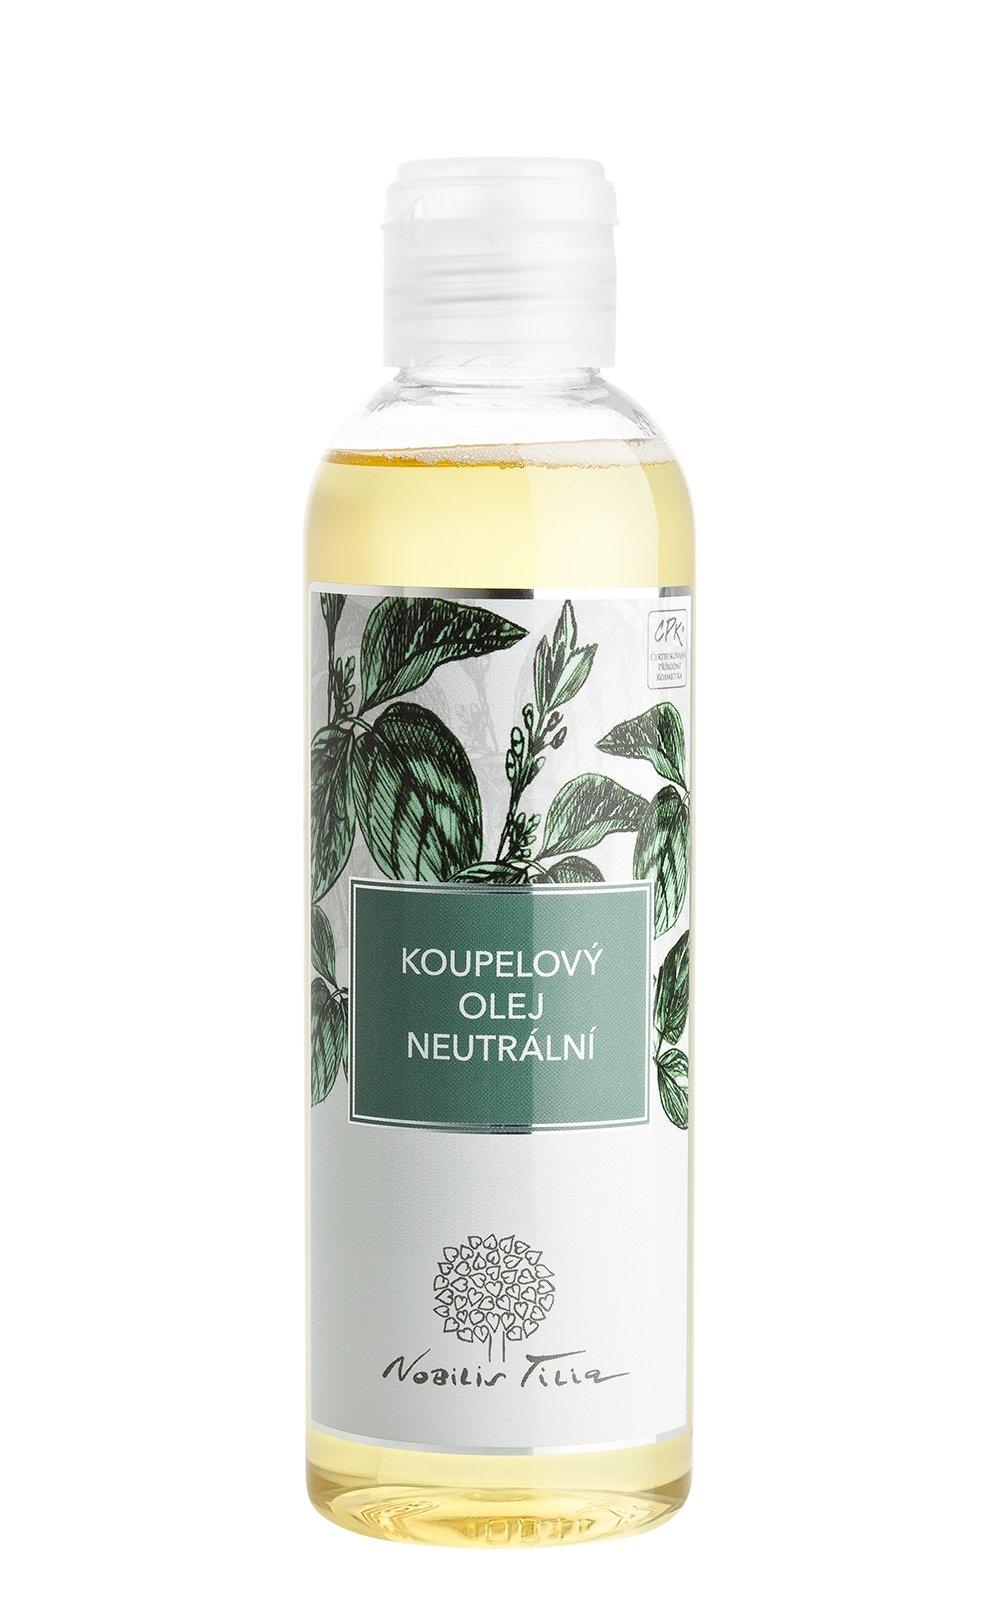 Koupelový olej Neutrální: 200 ml